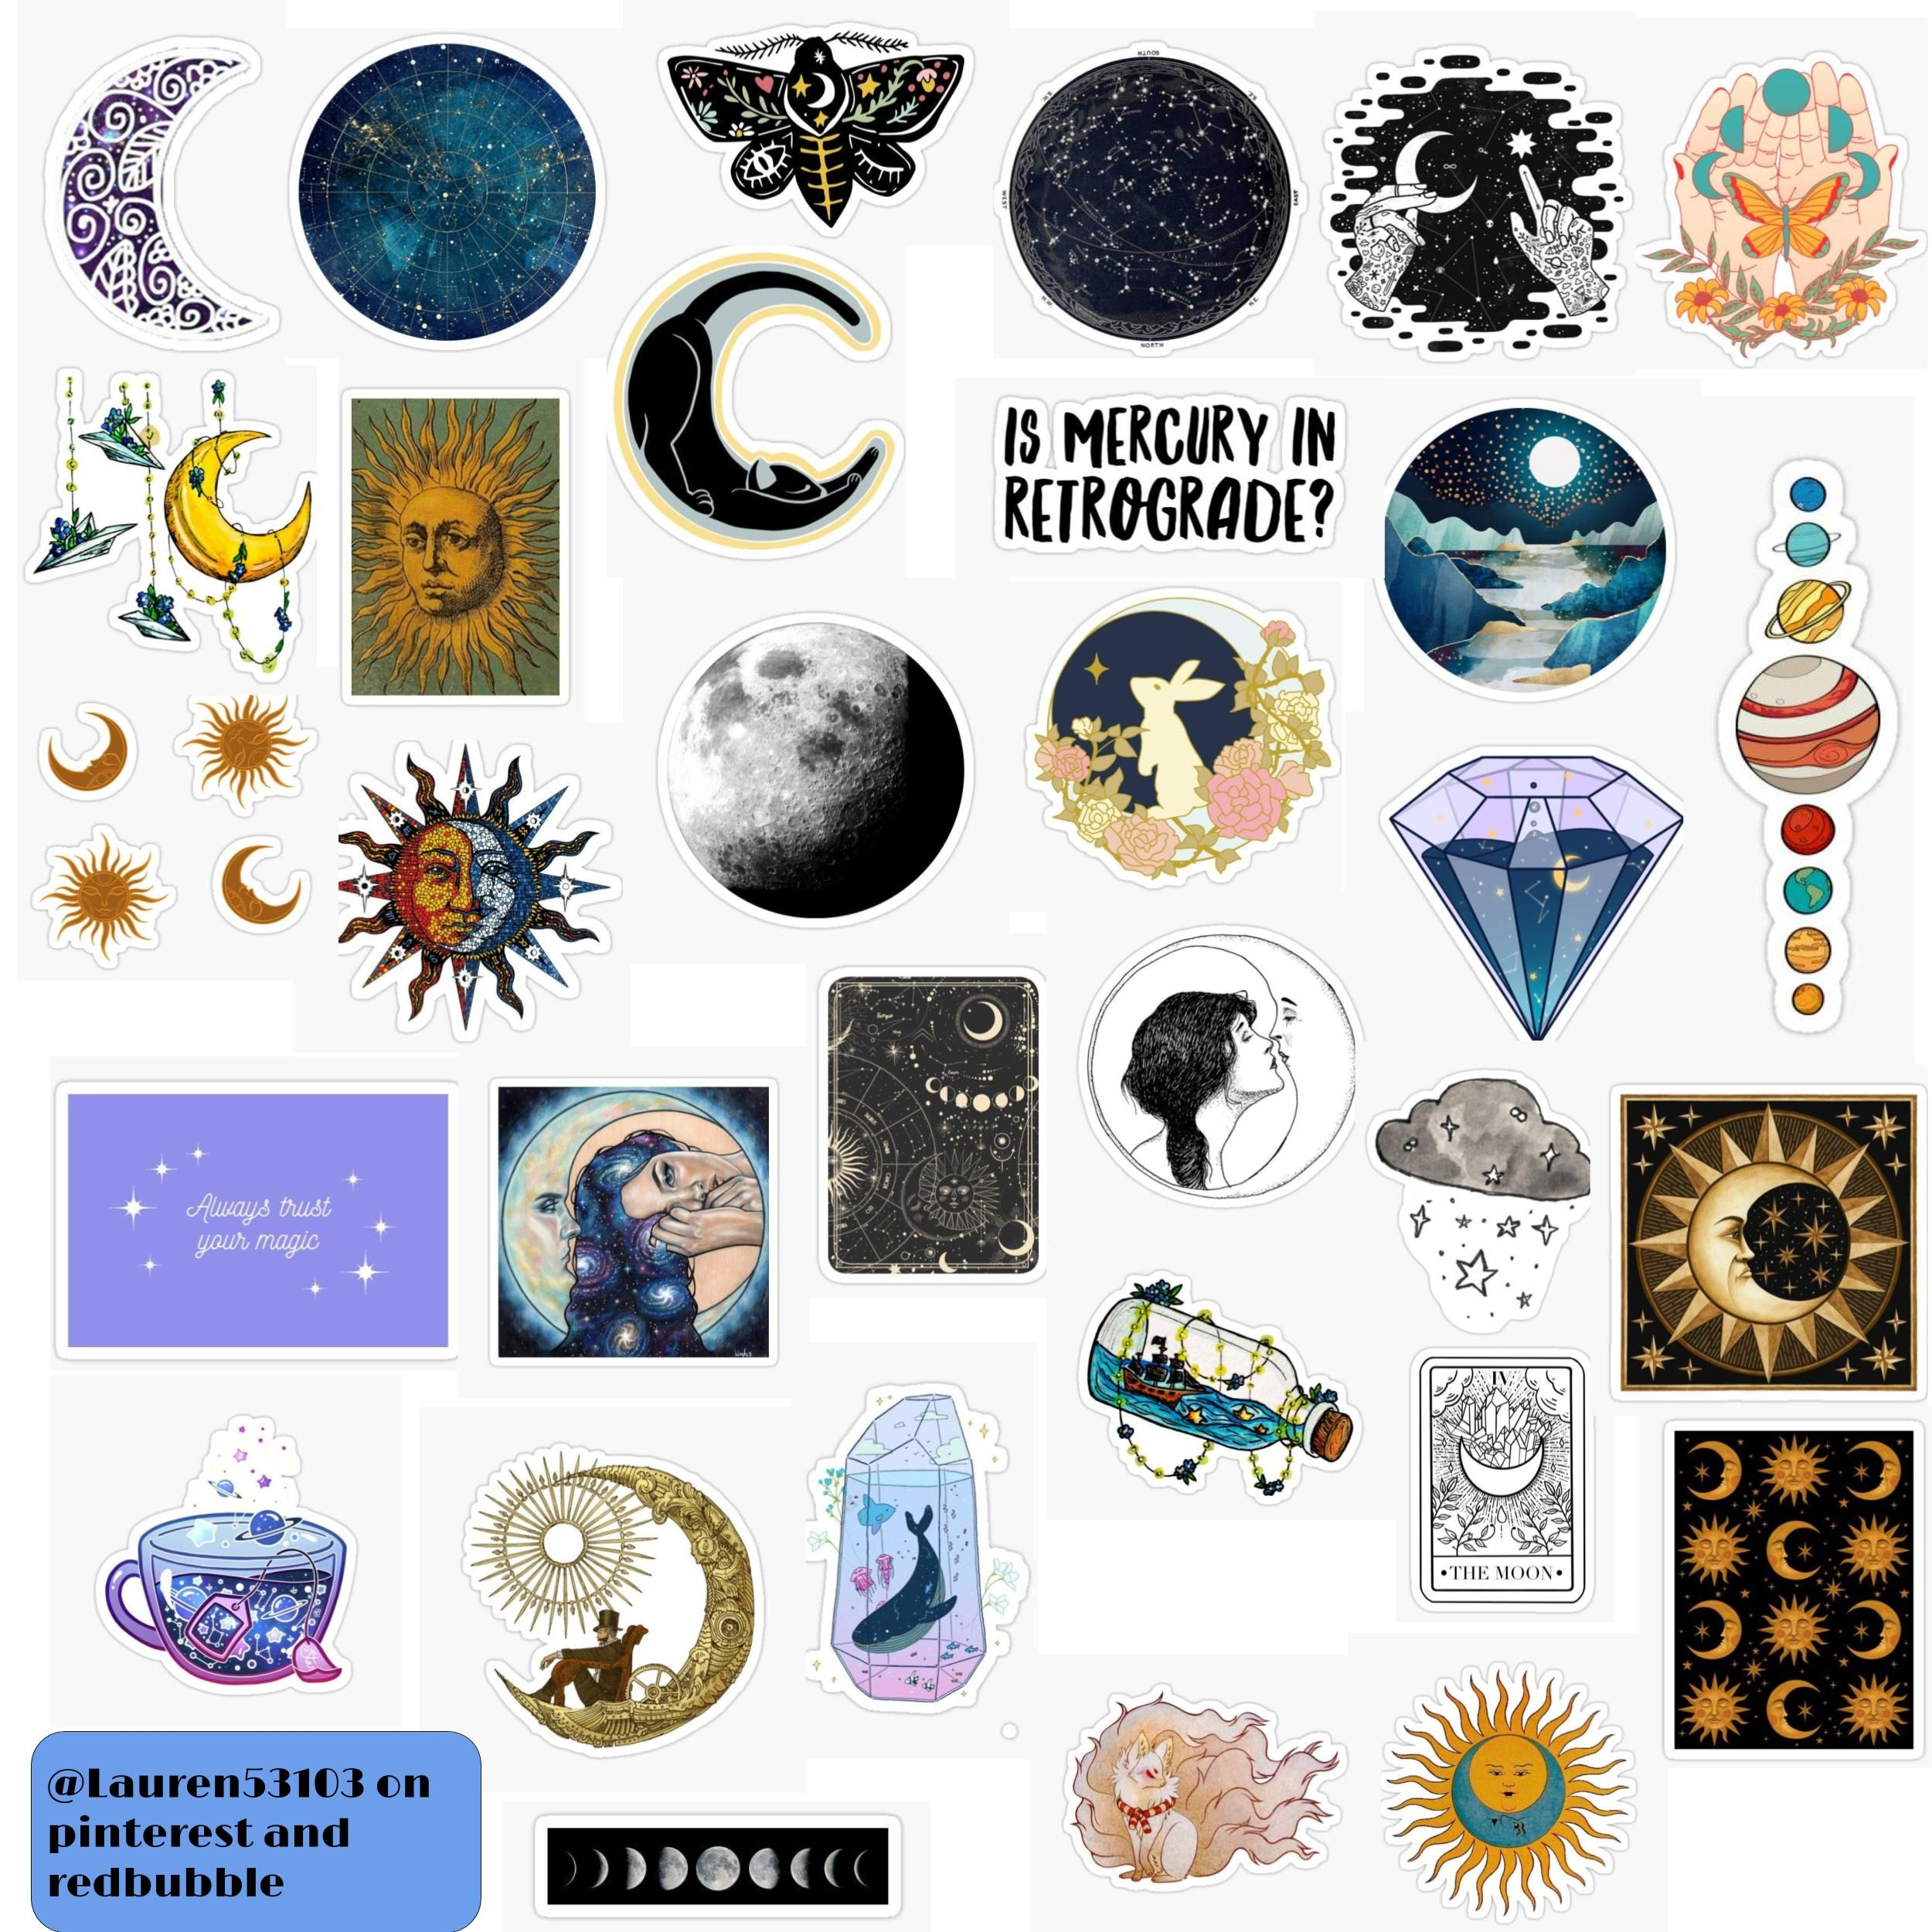 Celestial Sticker Pack Sticker By Lauren53103 In 2020 Print Stickers Pop Stickers Printable Stickers